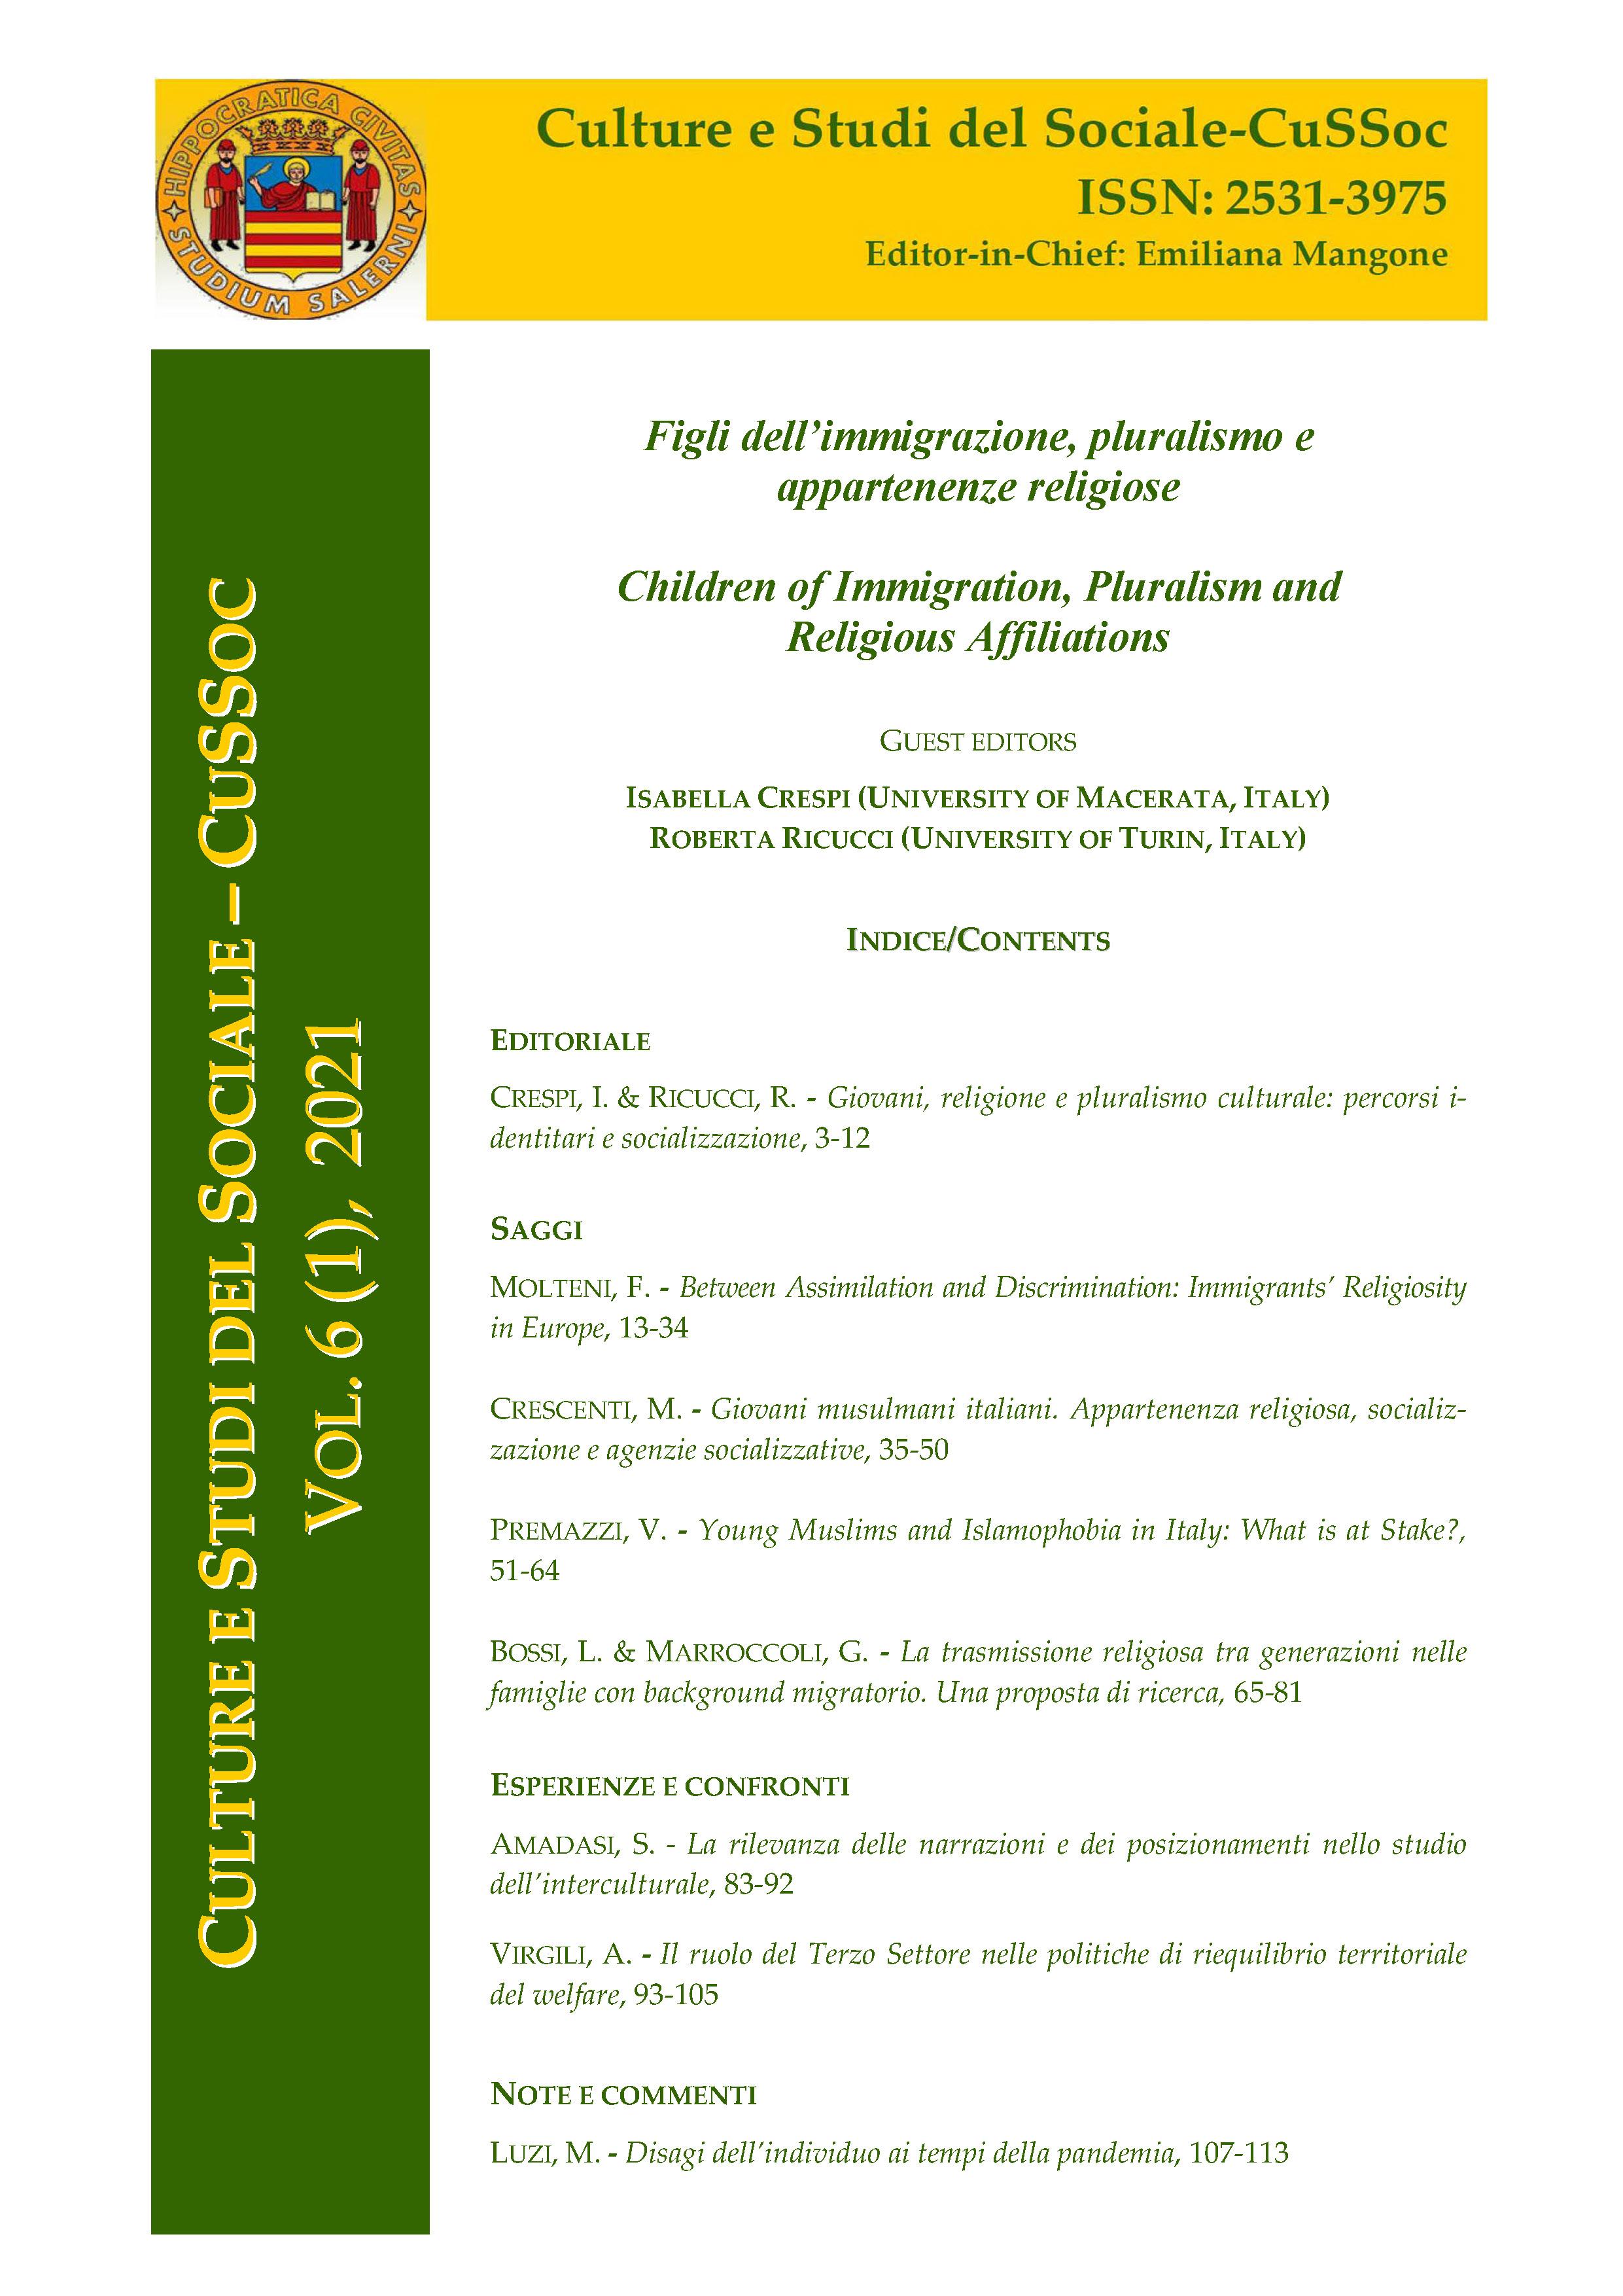 View Vol. 6 No. 1 (2021): Figli dell'immigrazione, pluralismo e appartenenze religiose / Children of Immigration, Pluralism and Religious Affiliations - Guest Editors, Isabella Crespi (University of Macerata, Italy) & Roberta Ricucci (University of Turin, Italy)